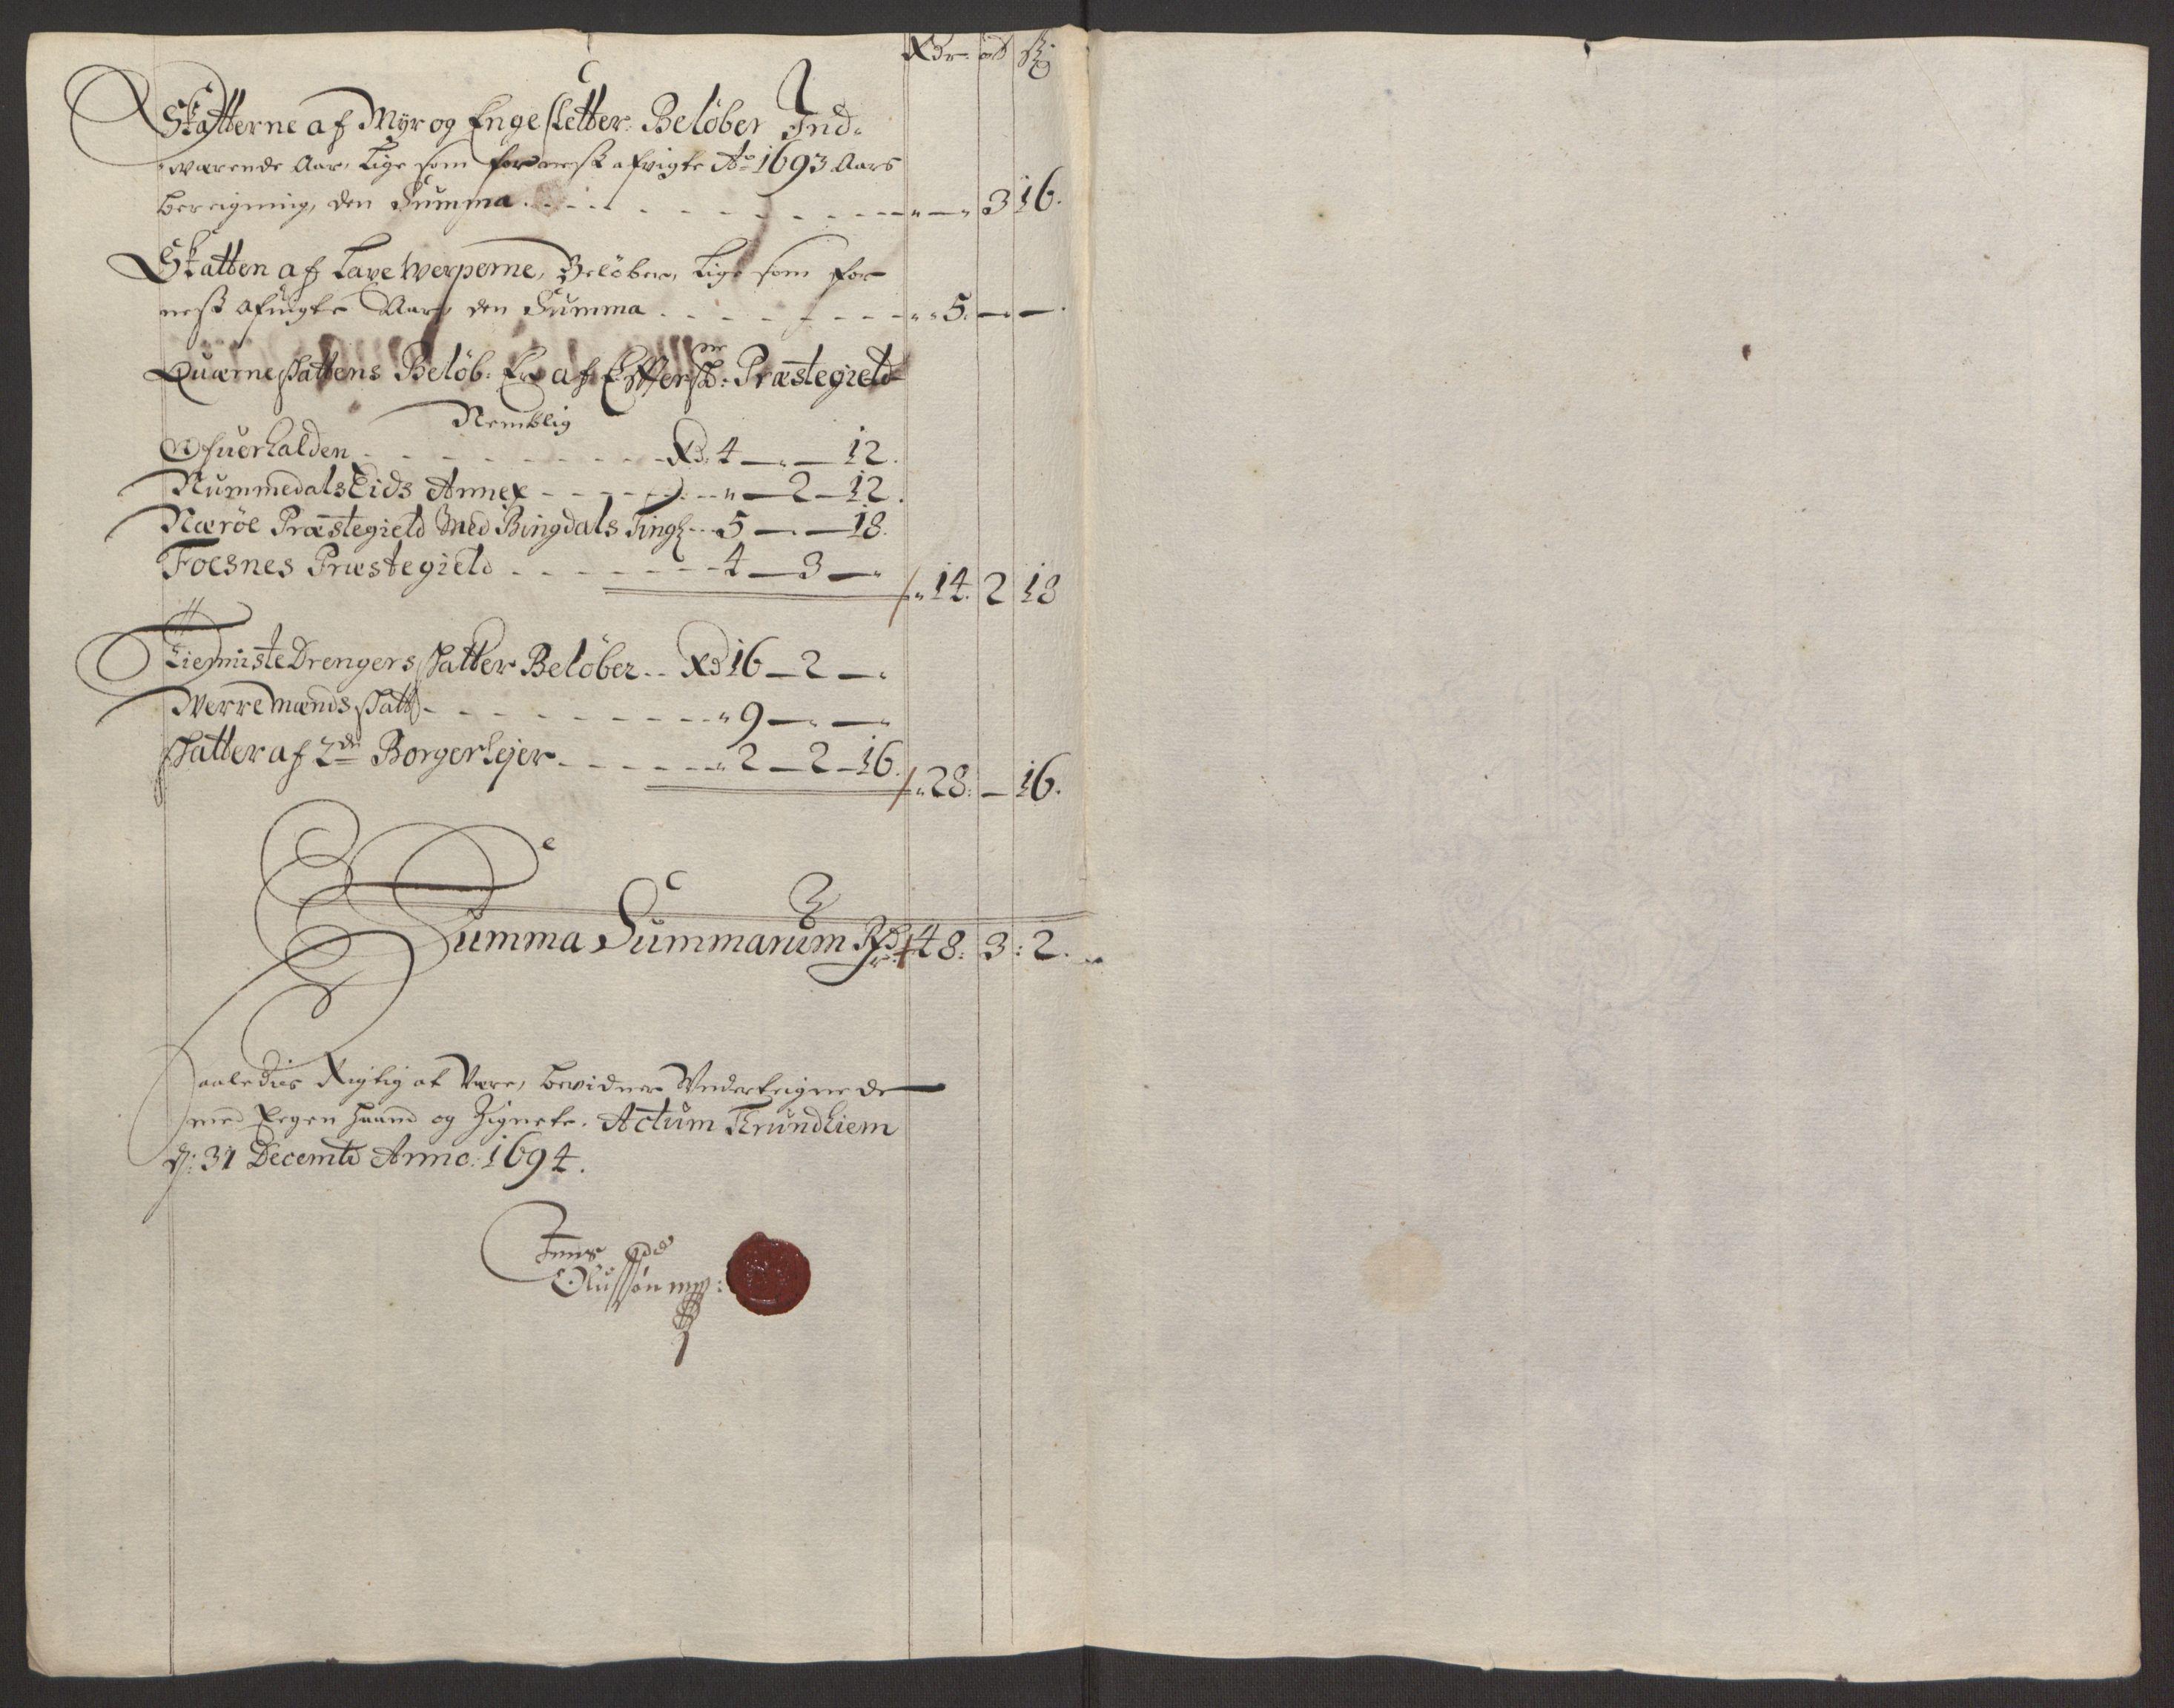 RA, Rentekammeret inntil 1814, Reviderte regnskaper, Fogderegnskap, R64/L4424: Fogderegnskap Namdal, 1692-1695, s. 342